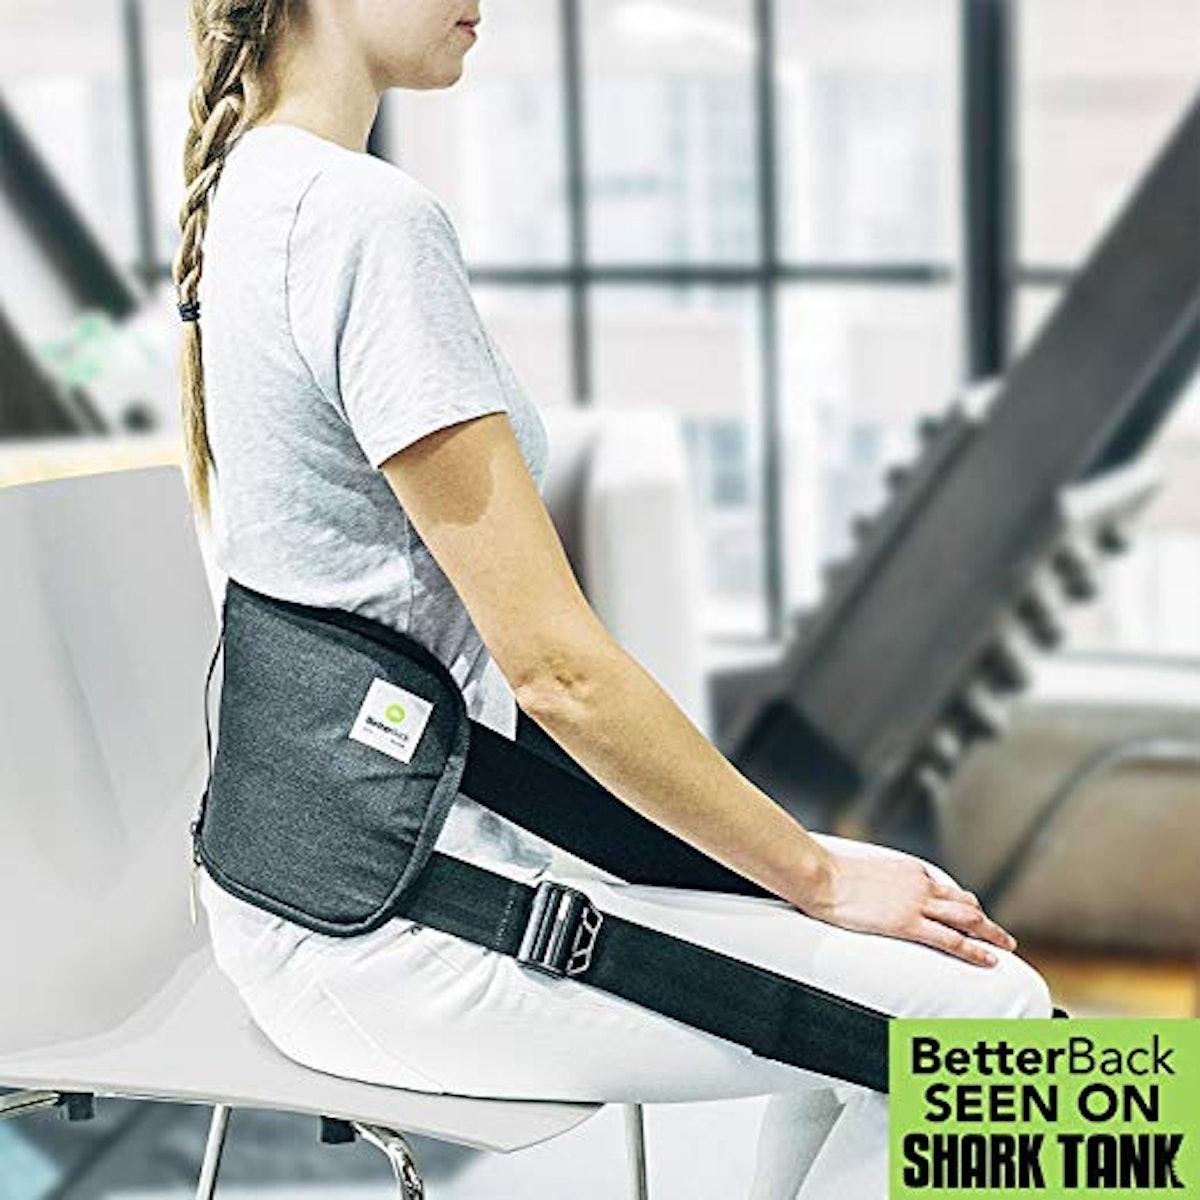 Better Back Lower Back Support Posture Belt